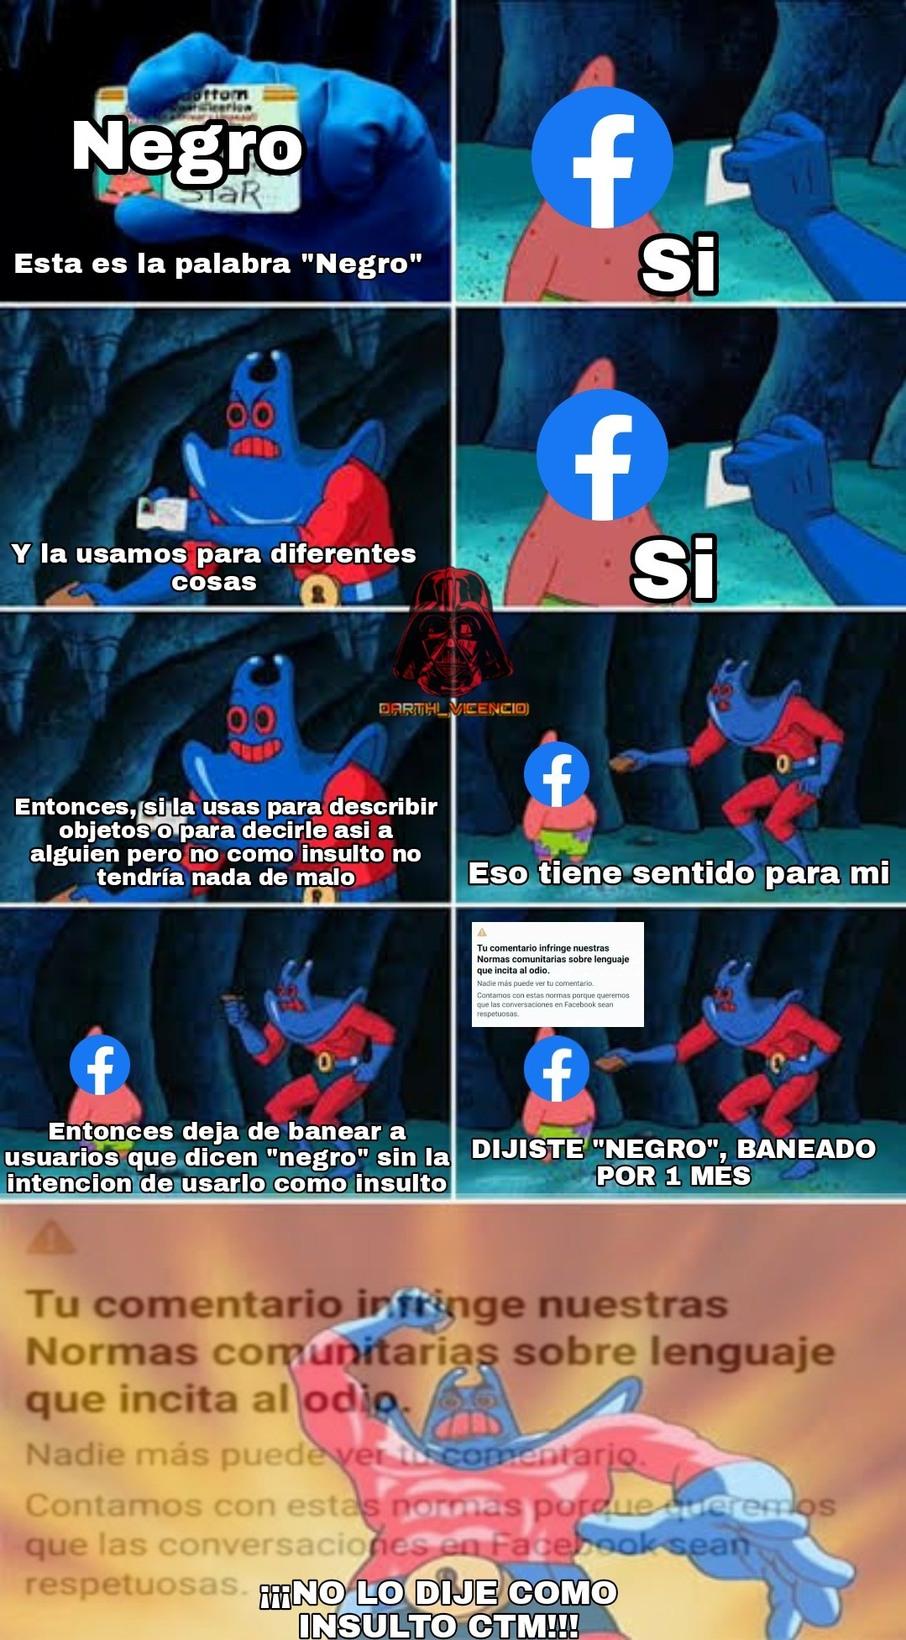 El algoritmo de facebook no sirve - meme